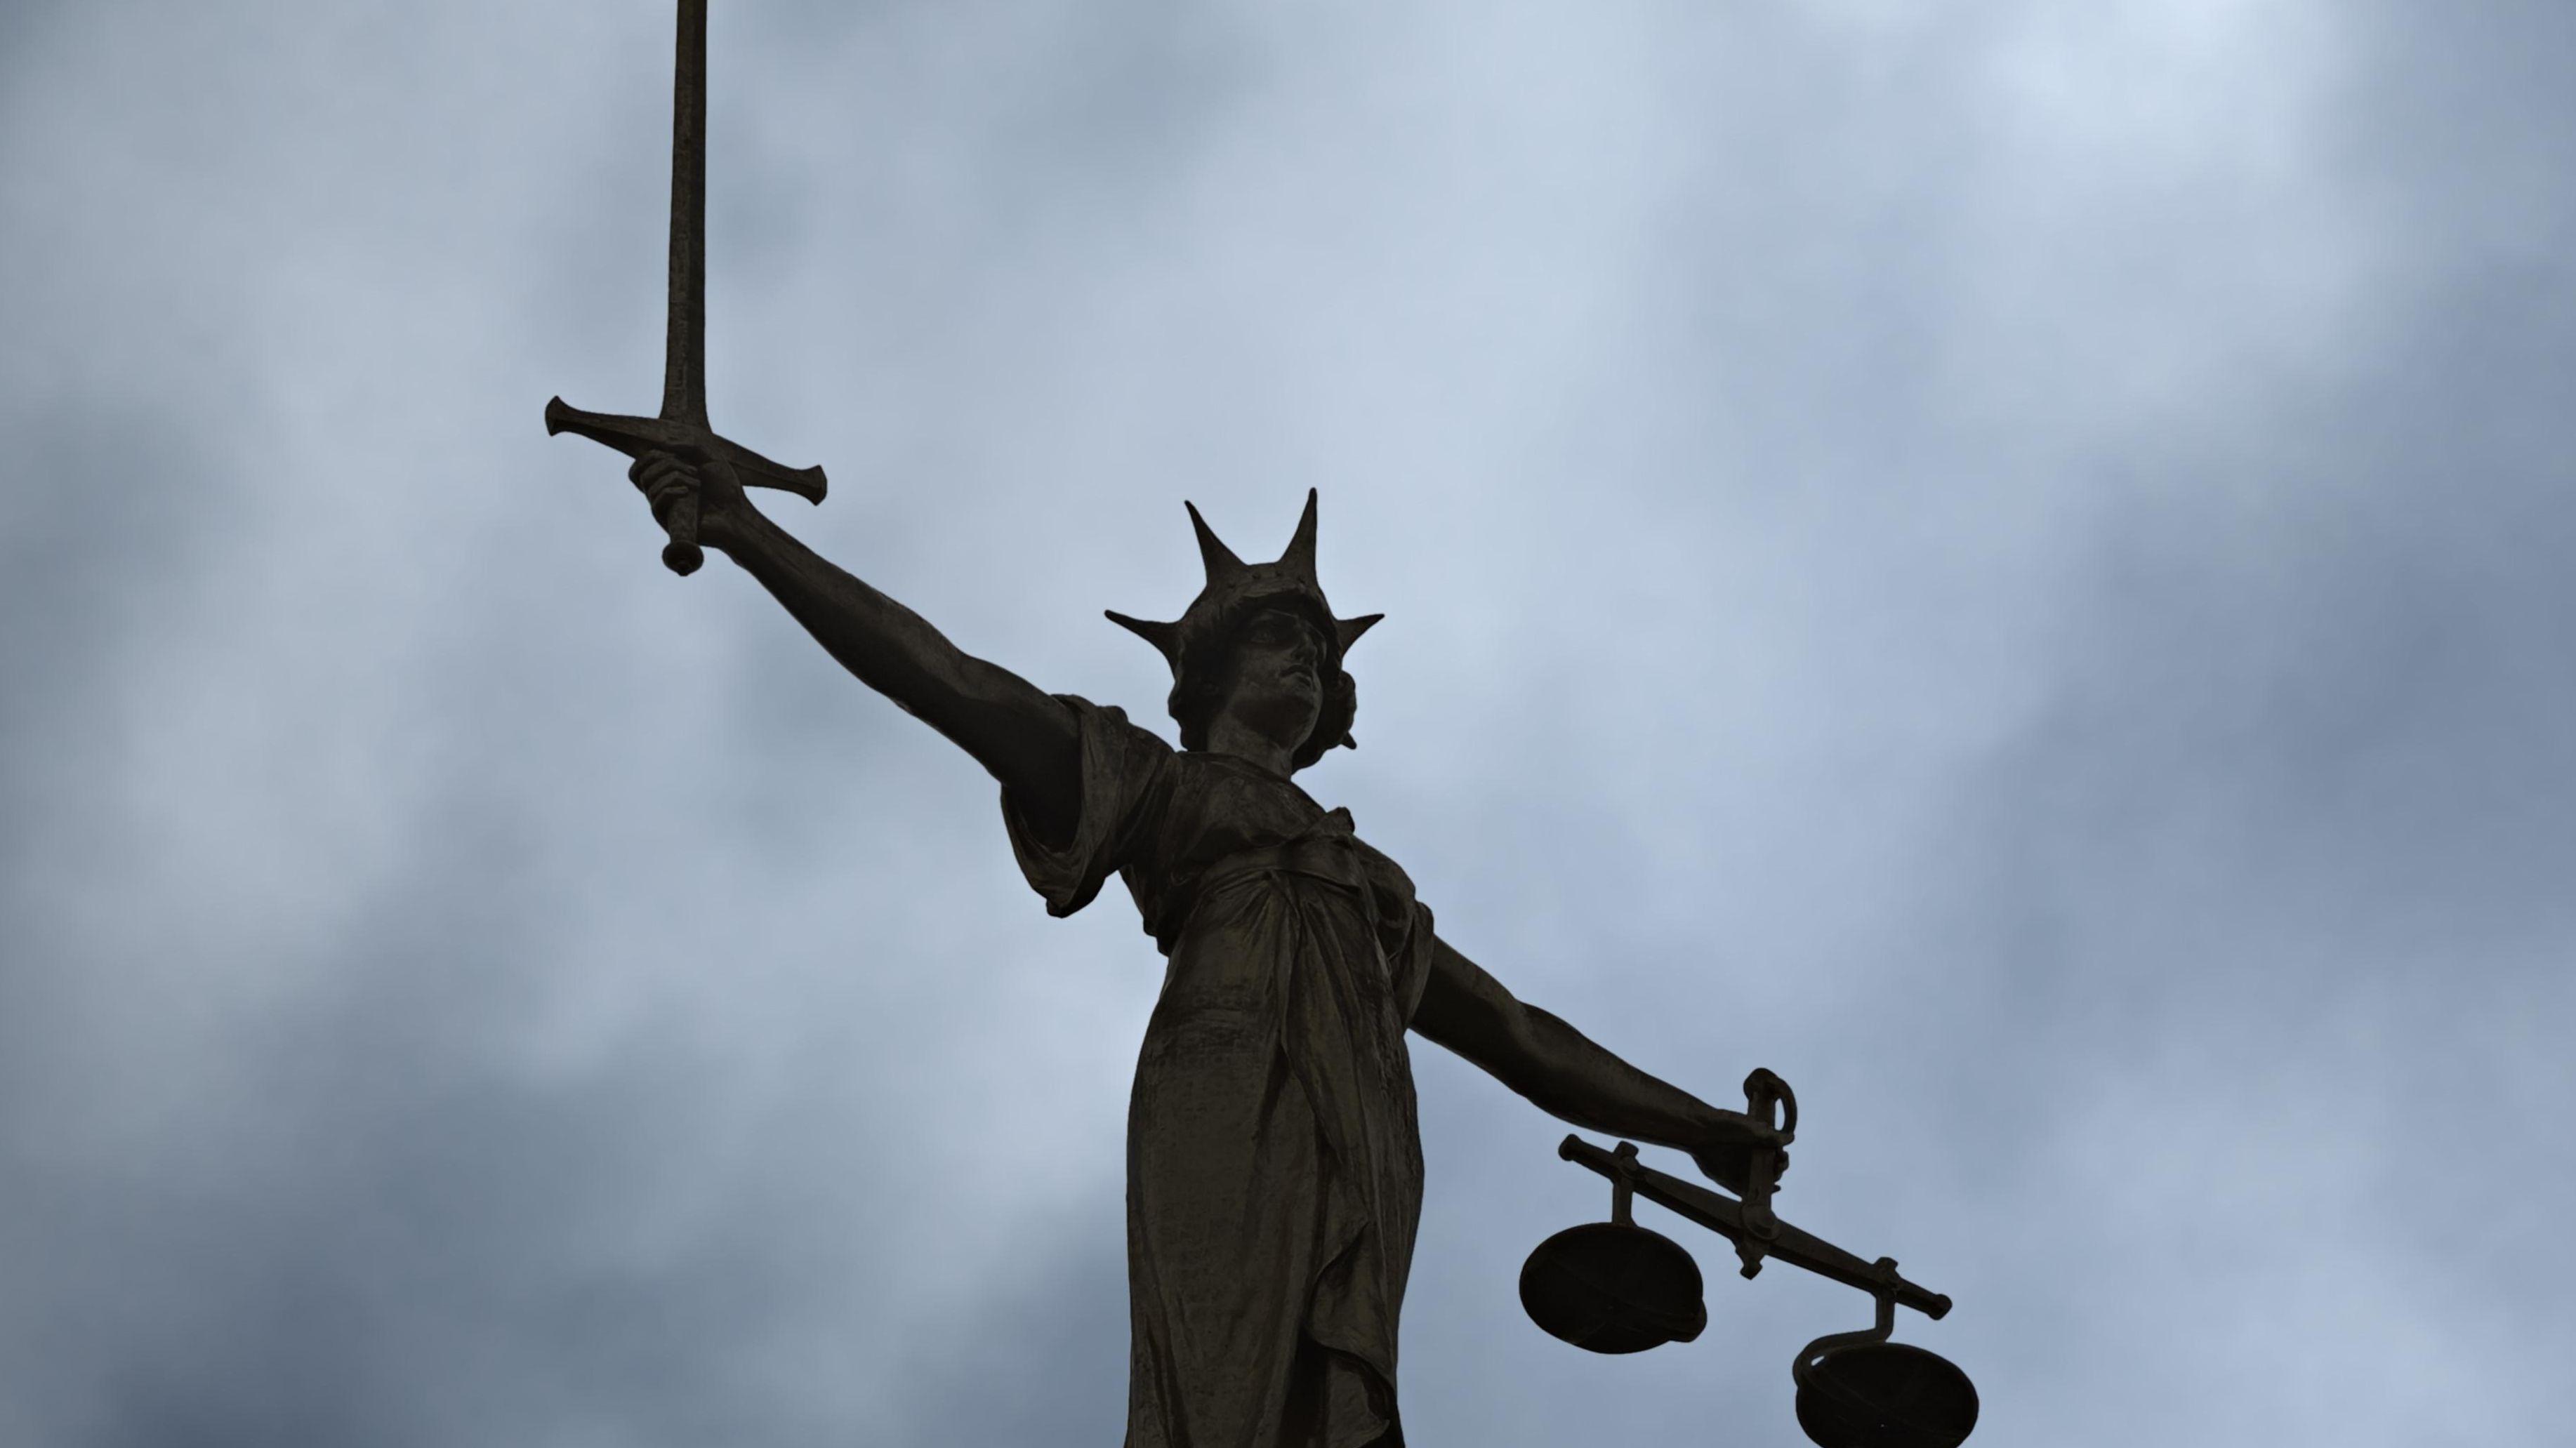 Statue der Justitia vor dunklem Himmel